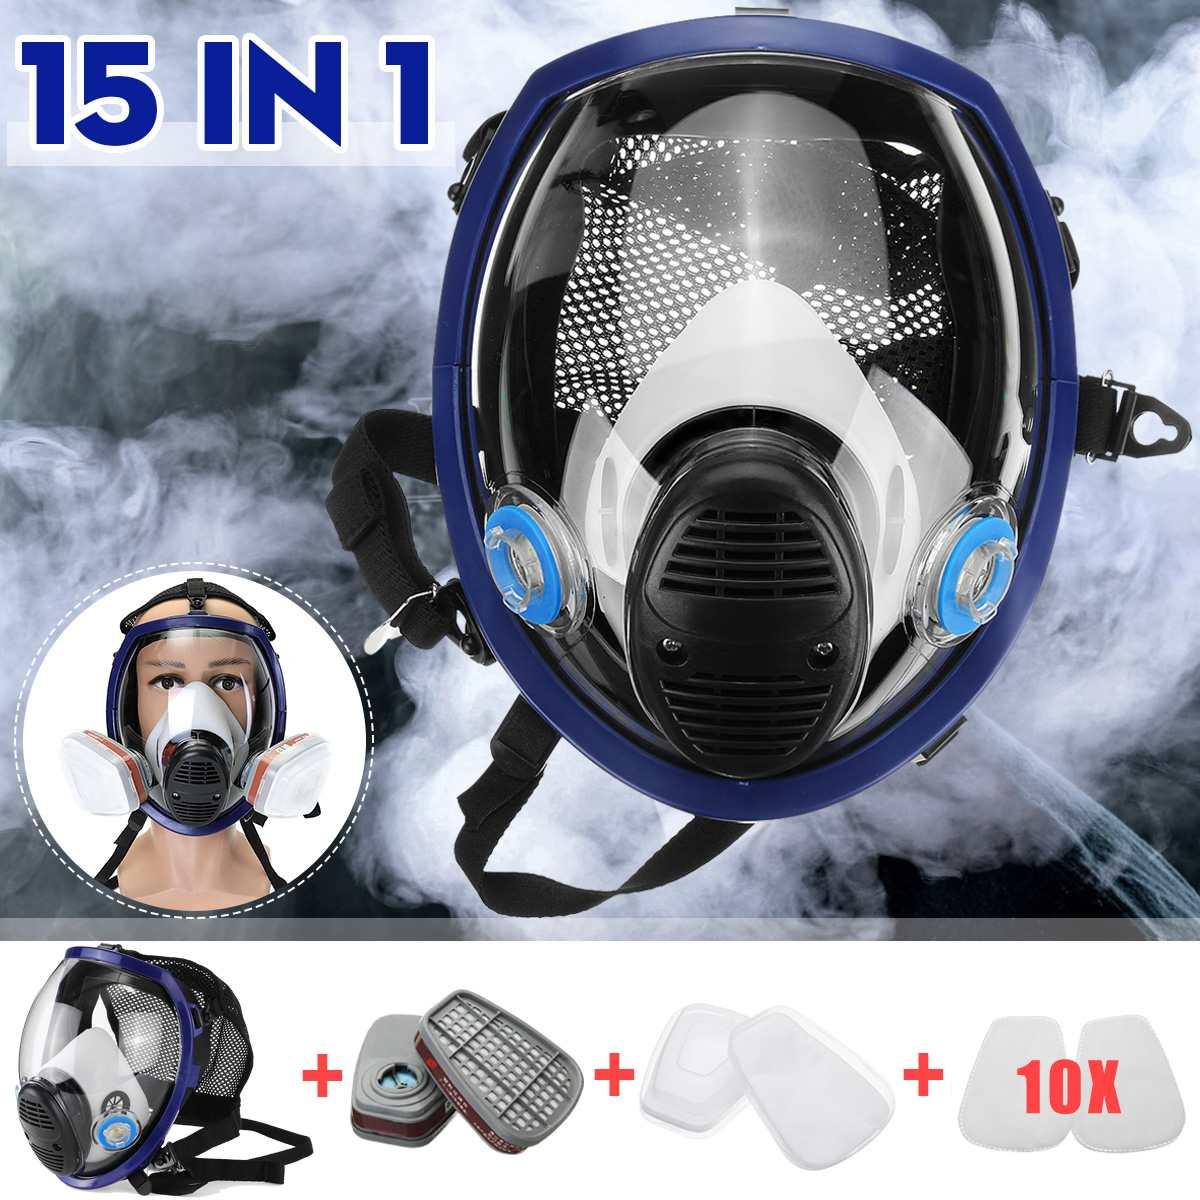 15 en 1 grande taille visage complet For-3M 6800 masque à gaz masque respirateur peinture pulvérisation chimique laboratoire médical masque de sécurité